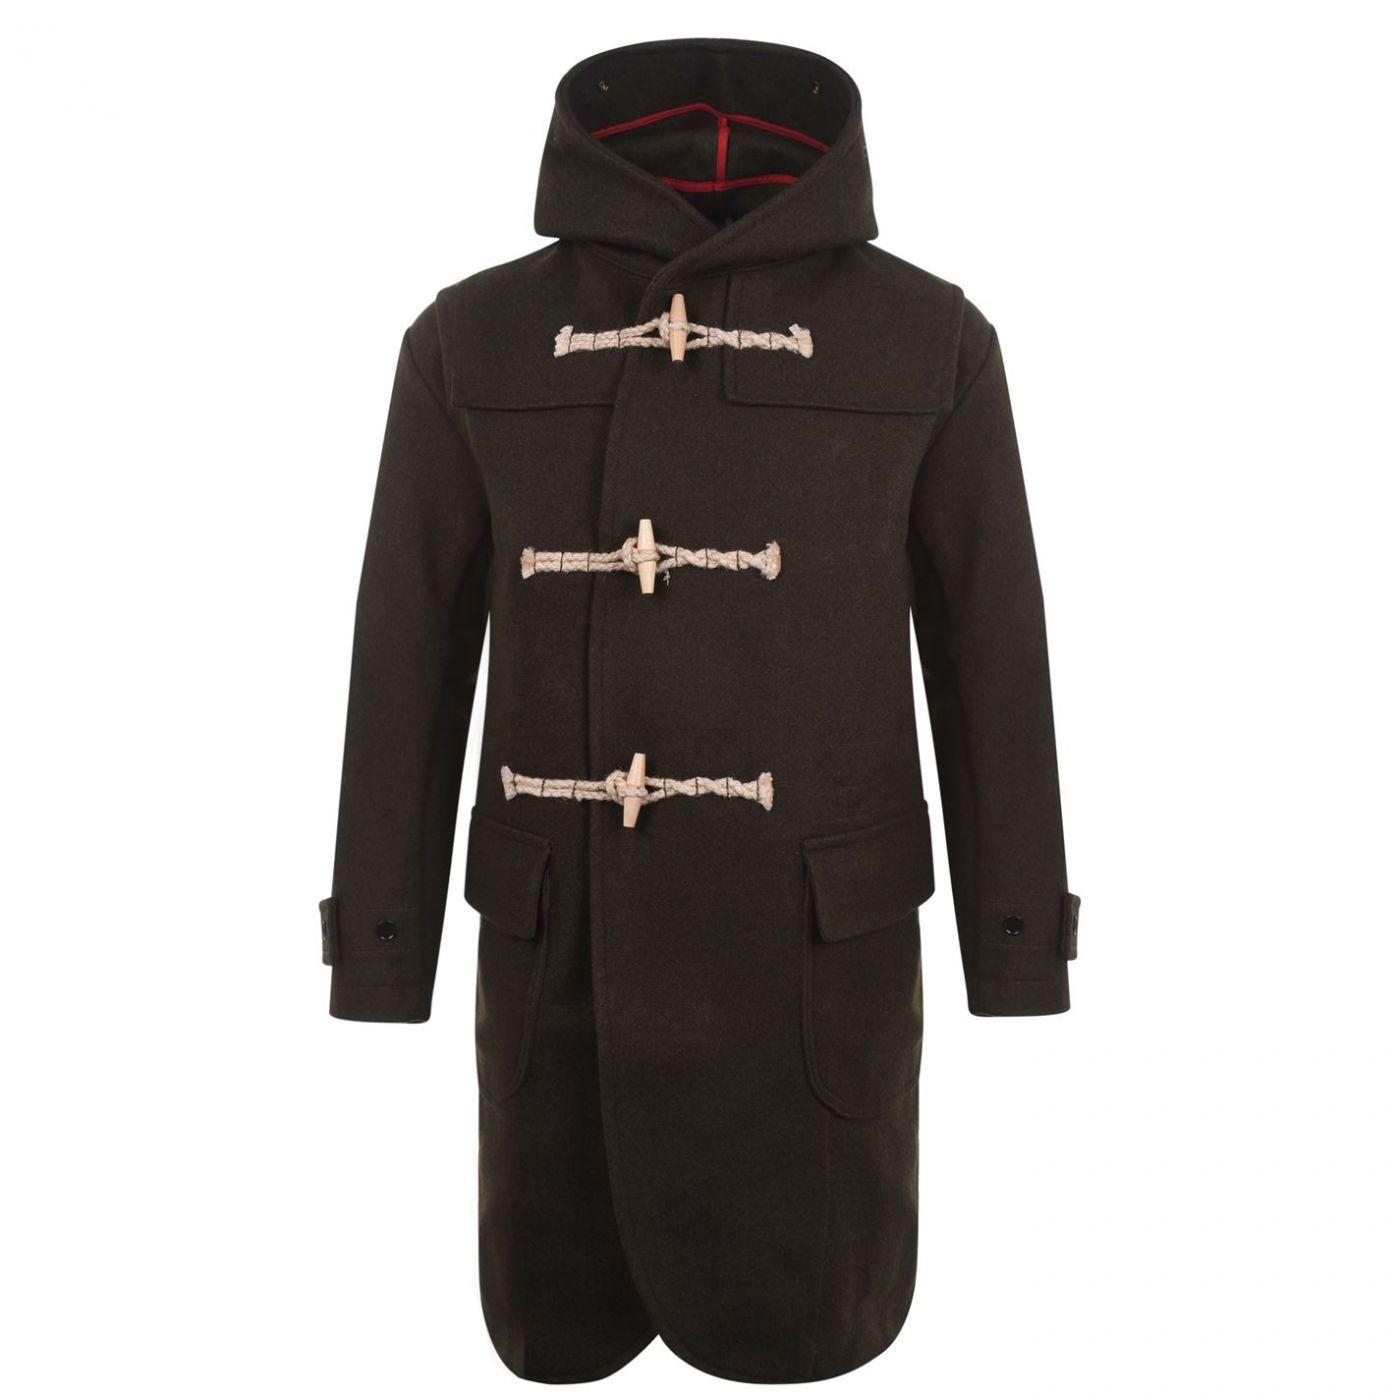 KARRIMOR ASPIRE JAPAN Wool Duffle Coat